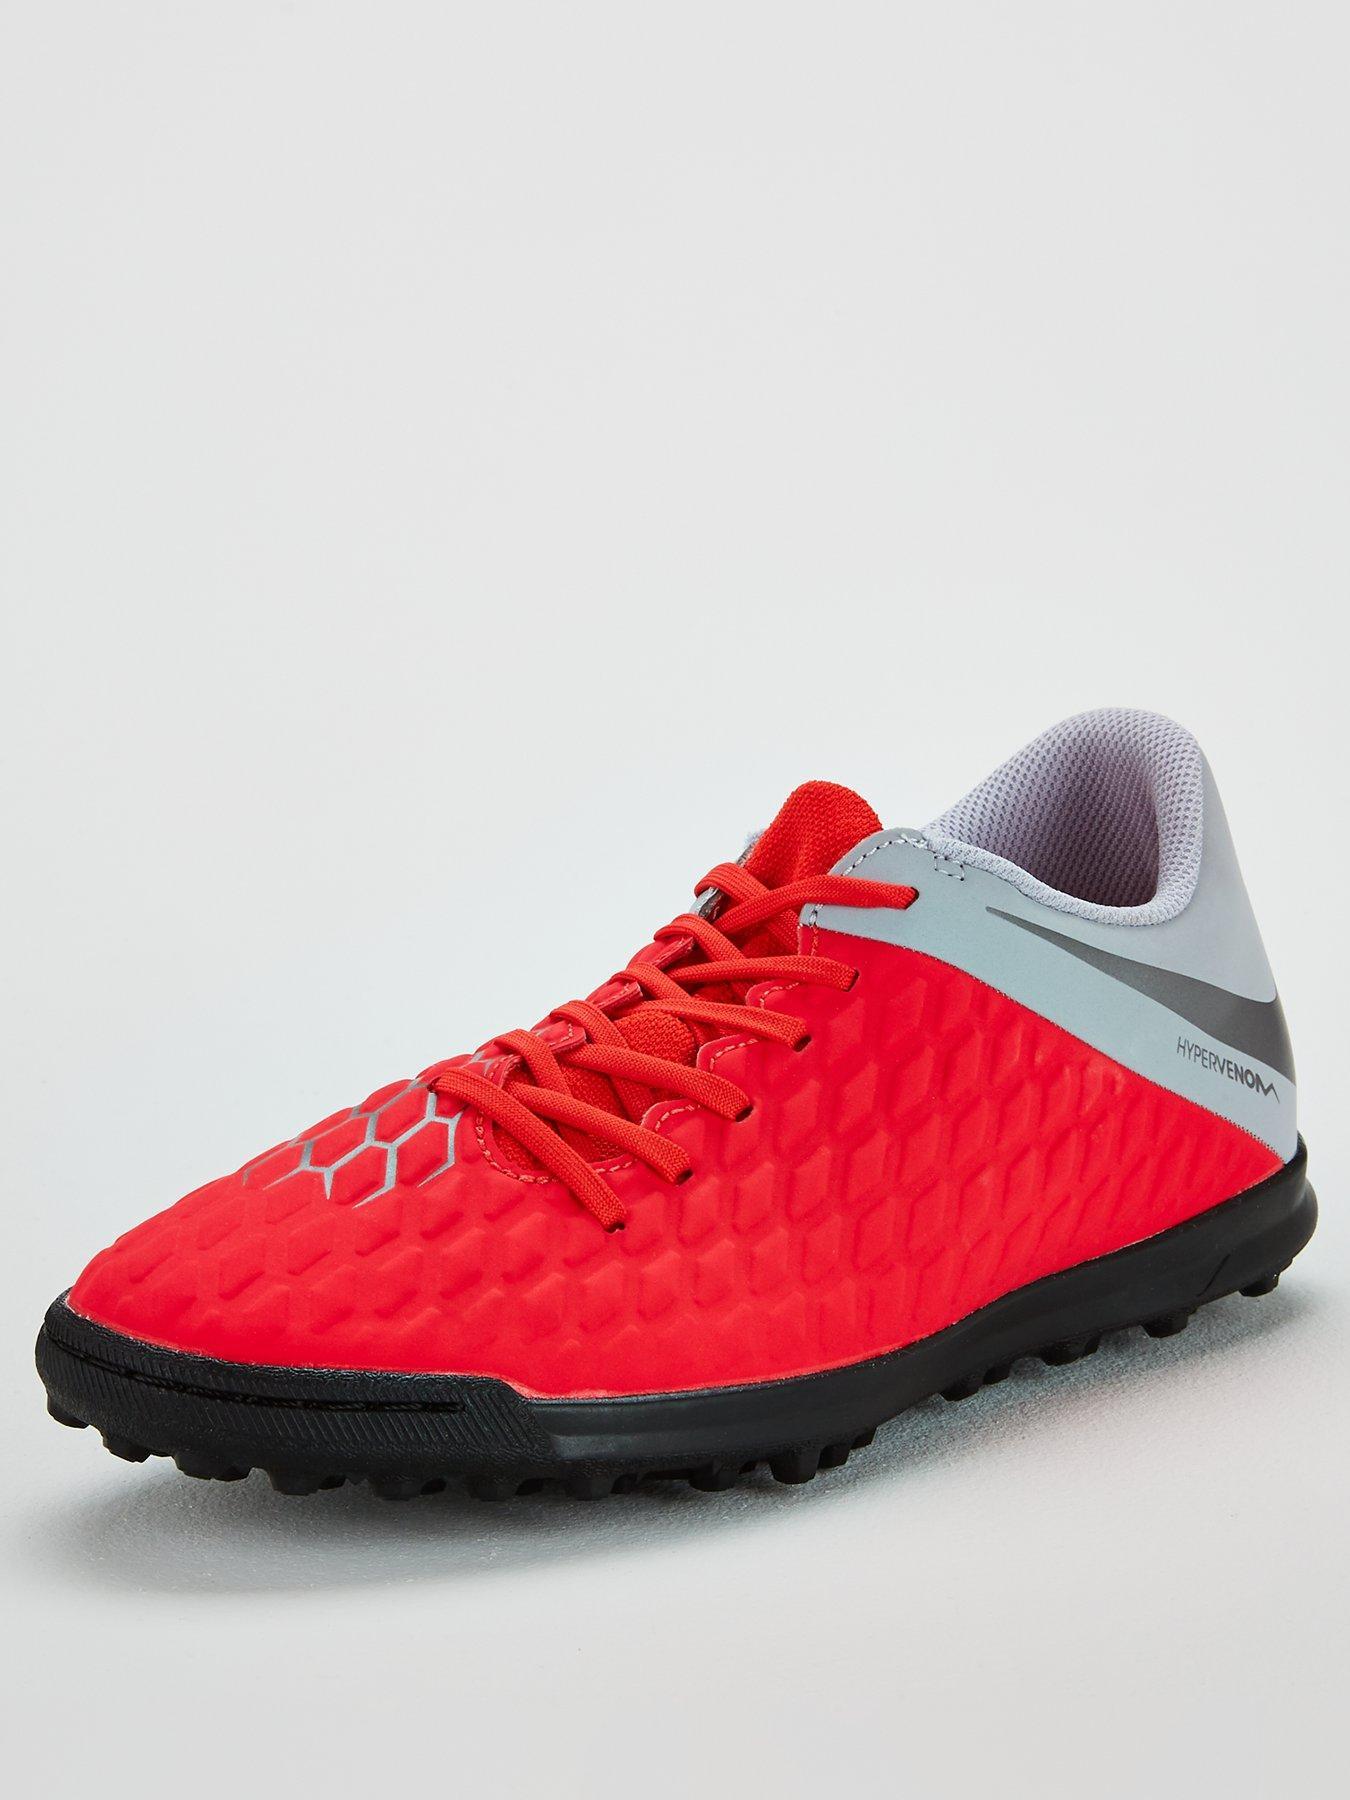 Flyknit Trainer On Feet